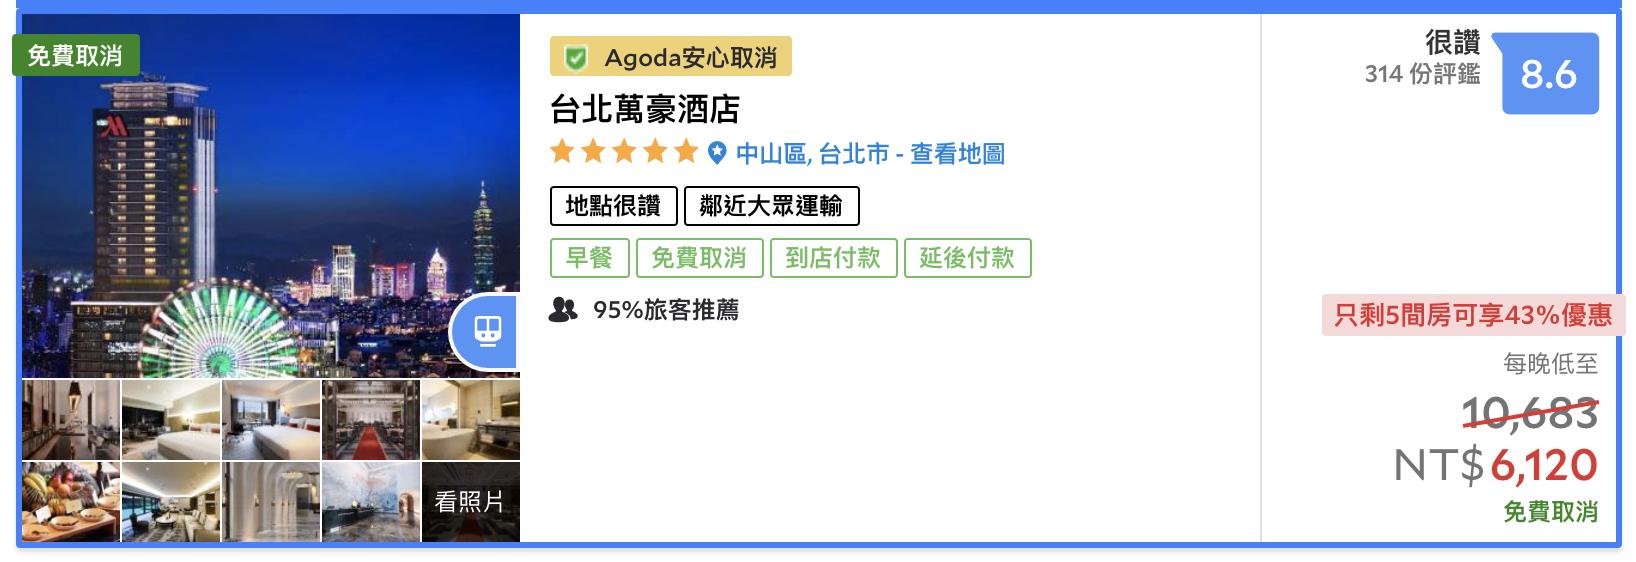 台北萬豪Sky5000,買5000送5000、住滿27小時,好評延長~可snp,最低4.5K入住~